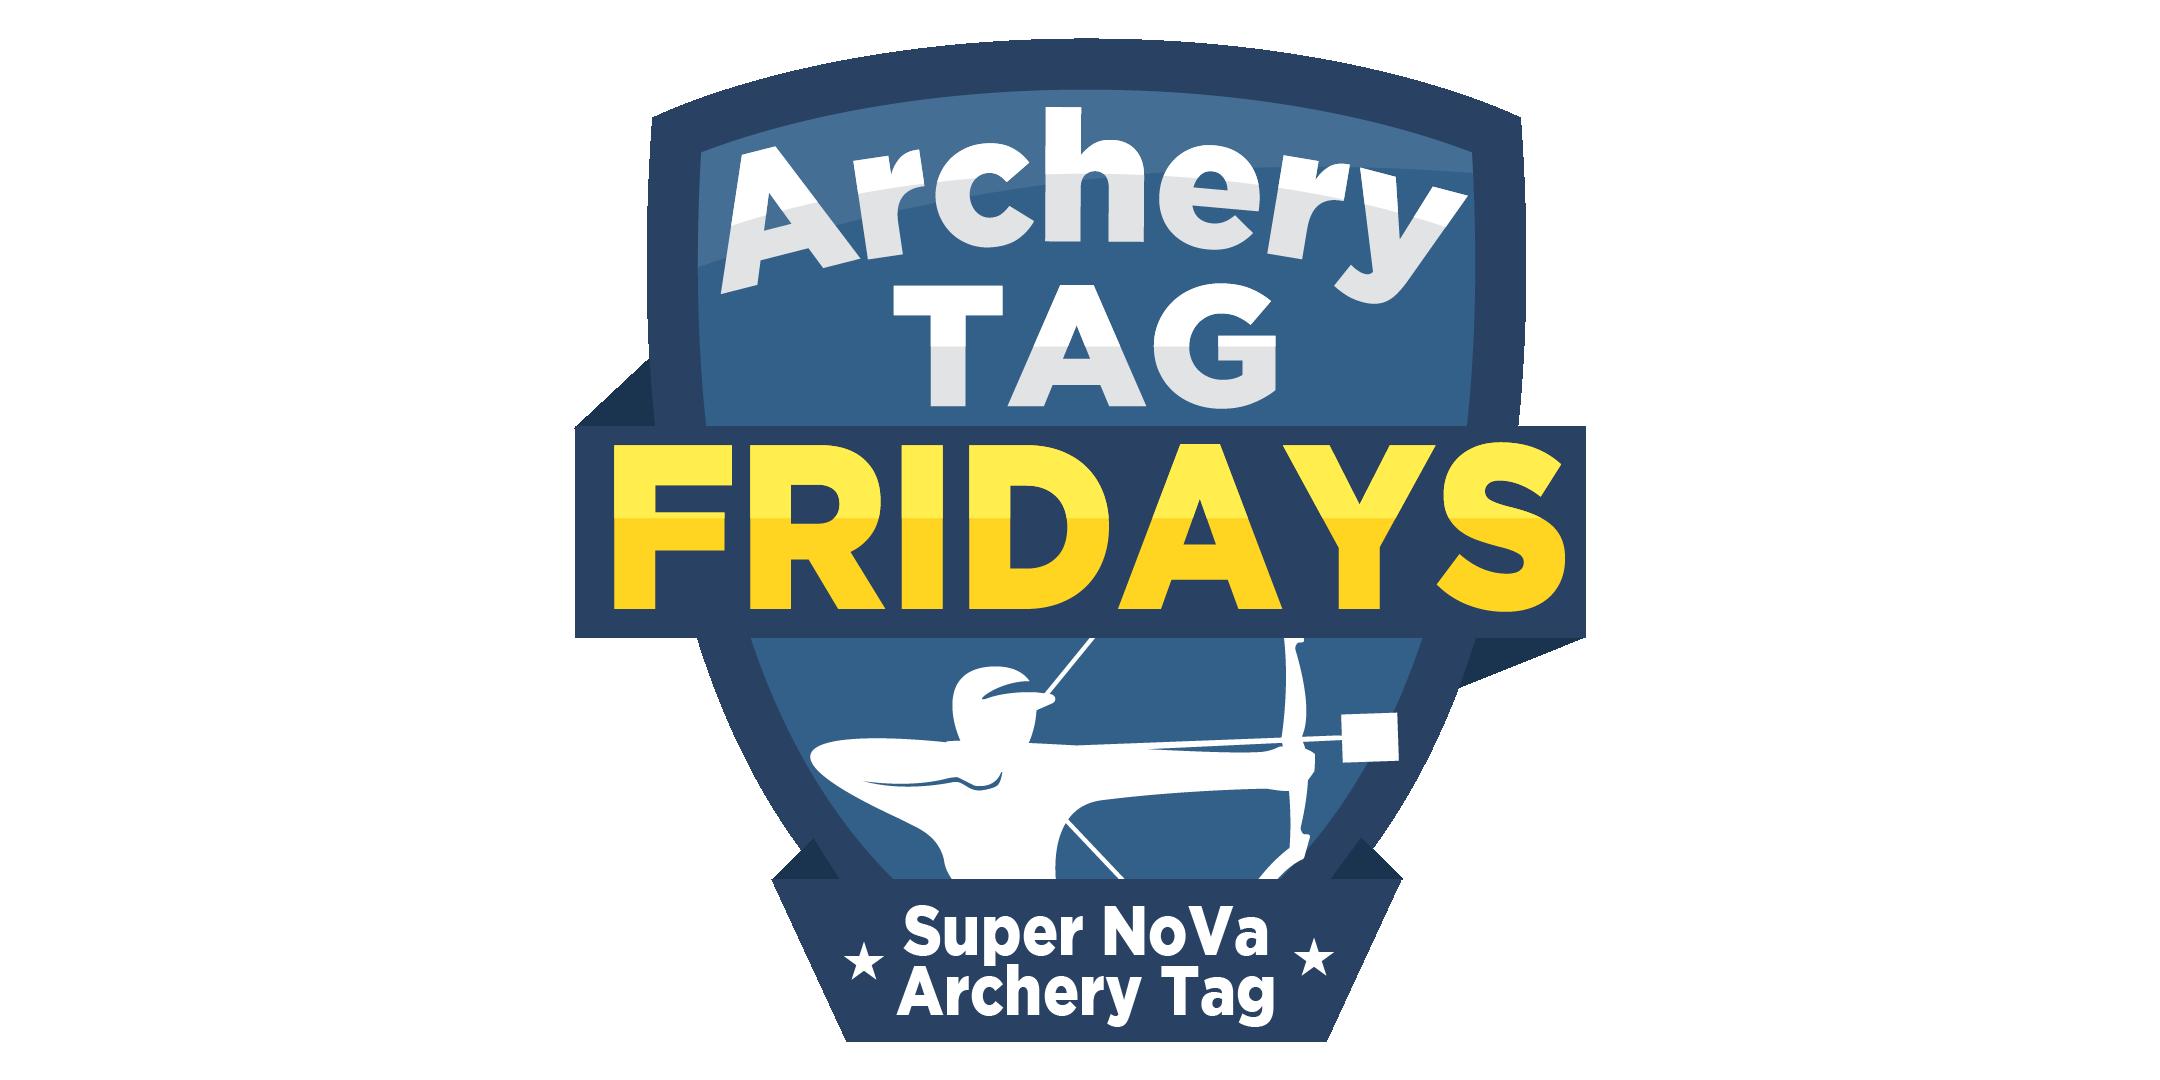 Archery Tag Fridays